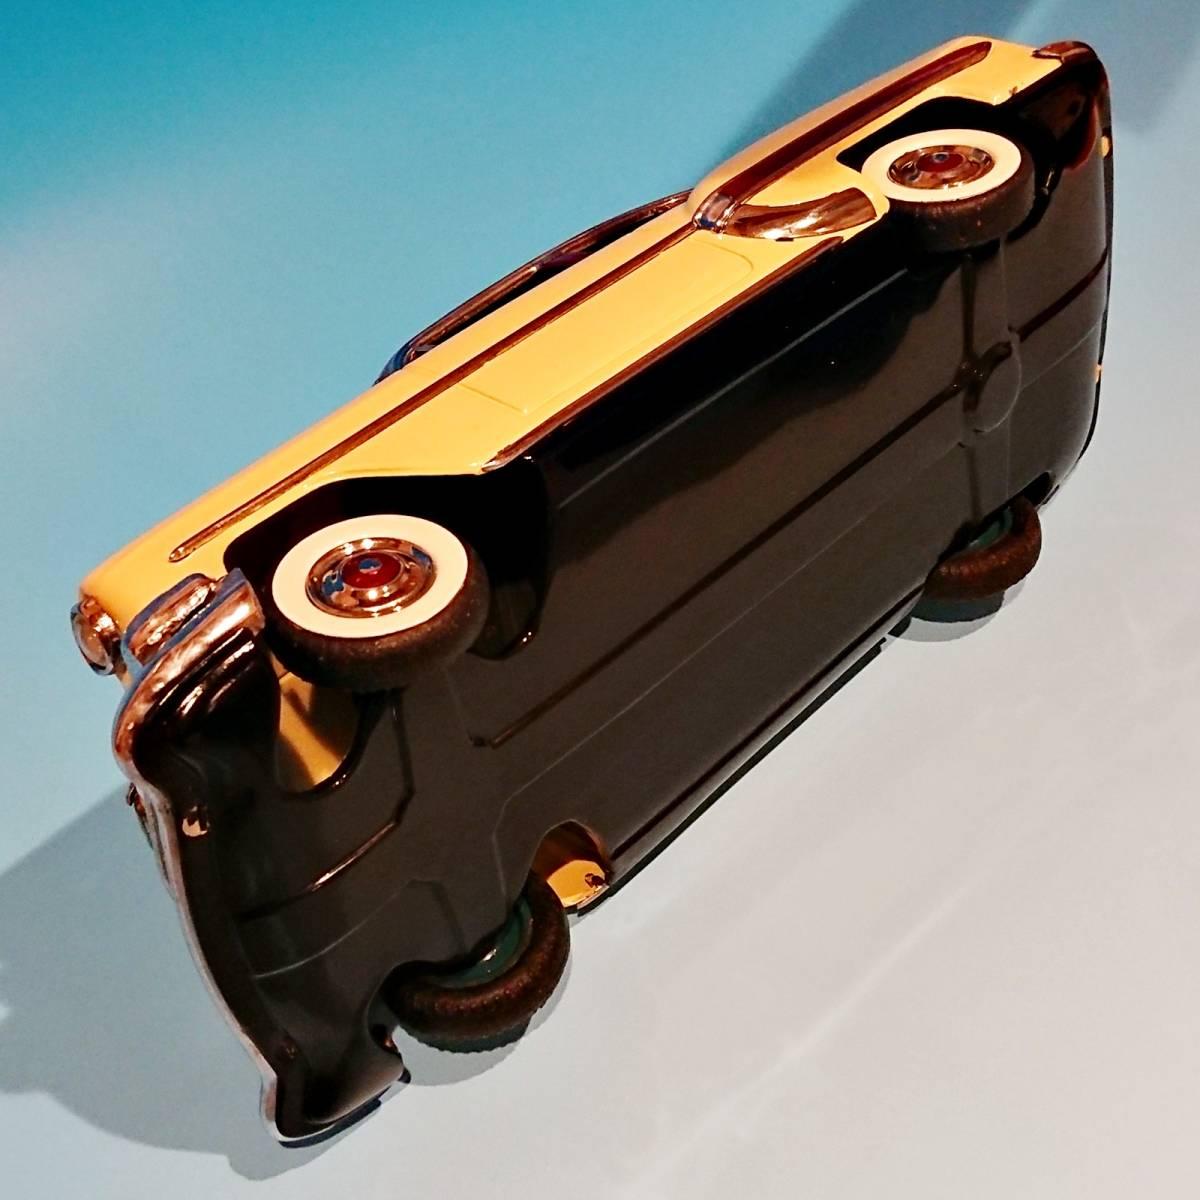 超希少ブリキ! ラインマー シボレー 世界に1つのツートンカラー Linemar Chevrolet マルサン/コスゲ製 リペイント 自動車 ビンテージ _画像9